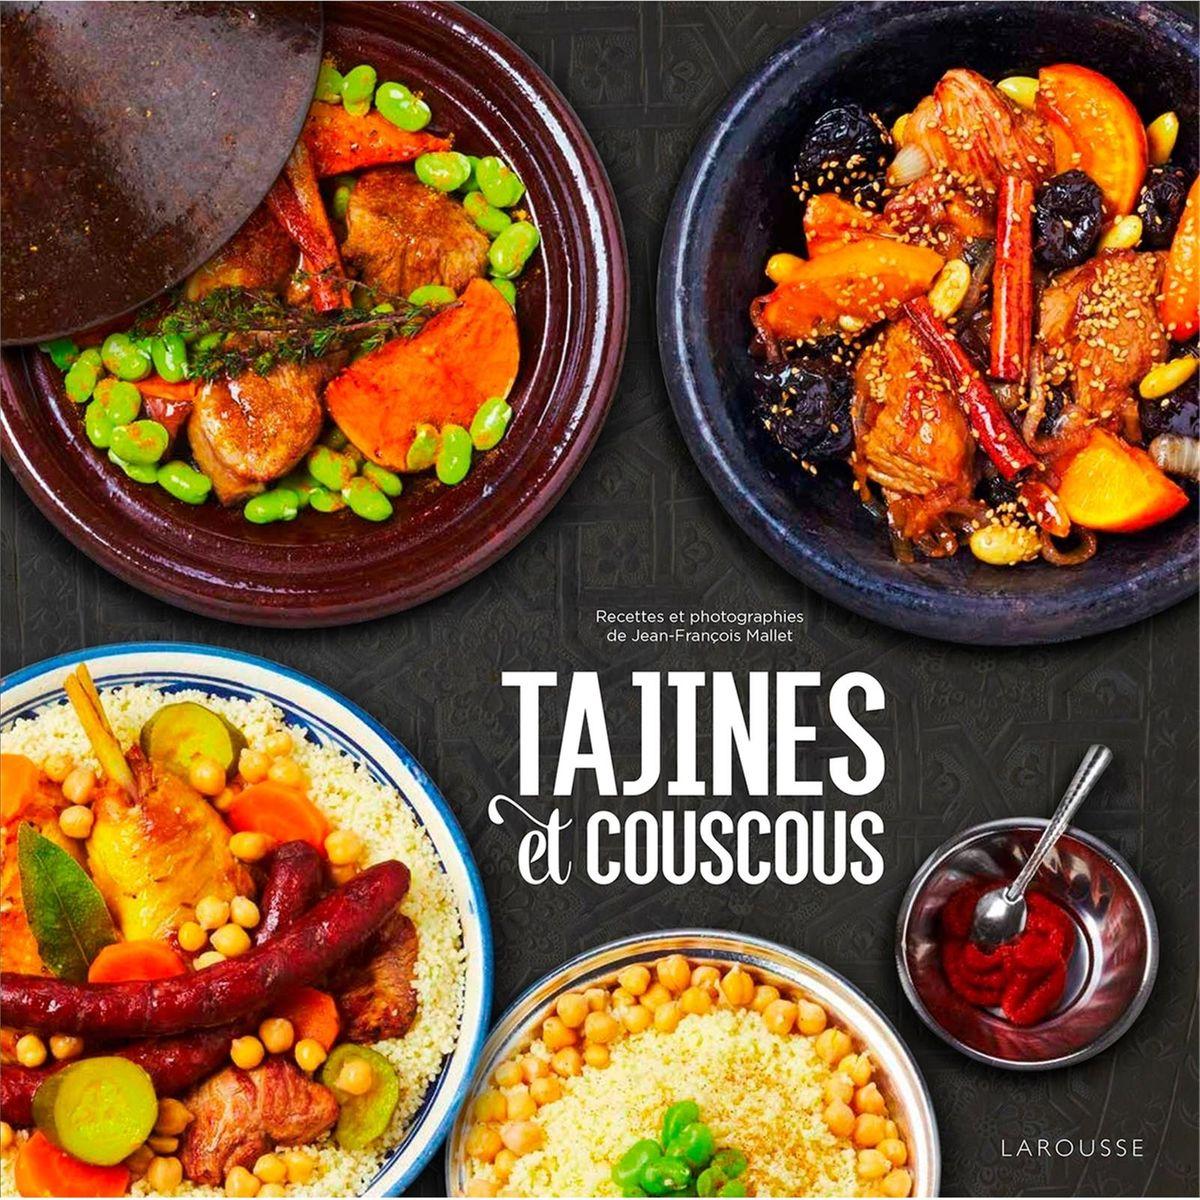 Tajines et couscous - Larousse